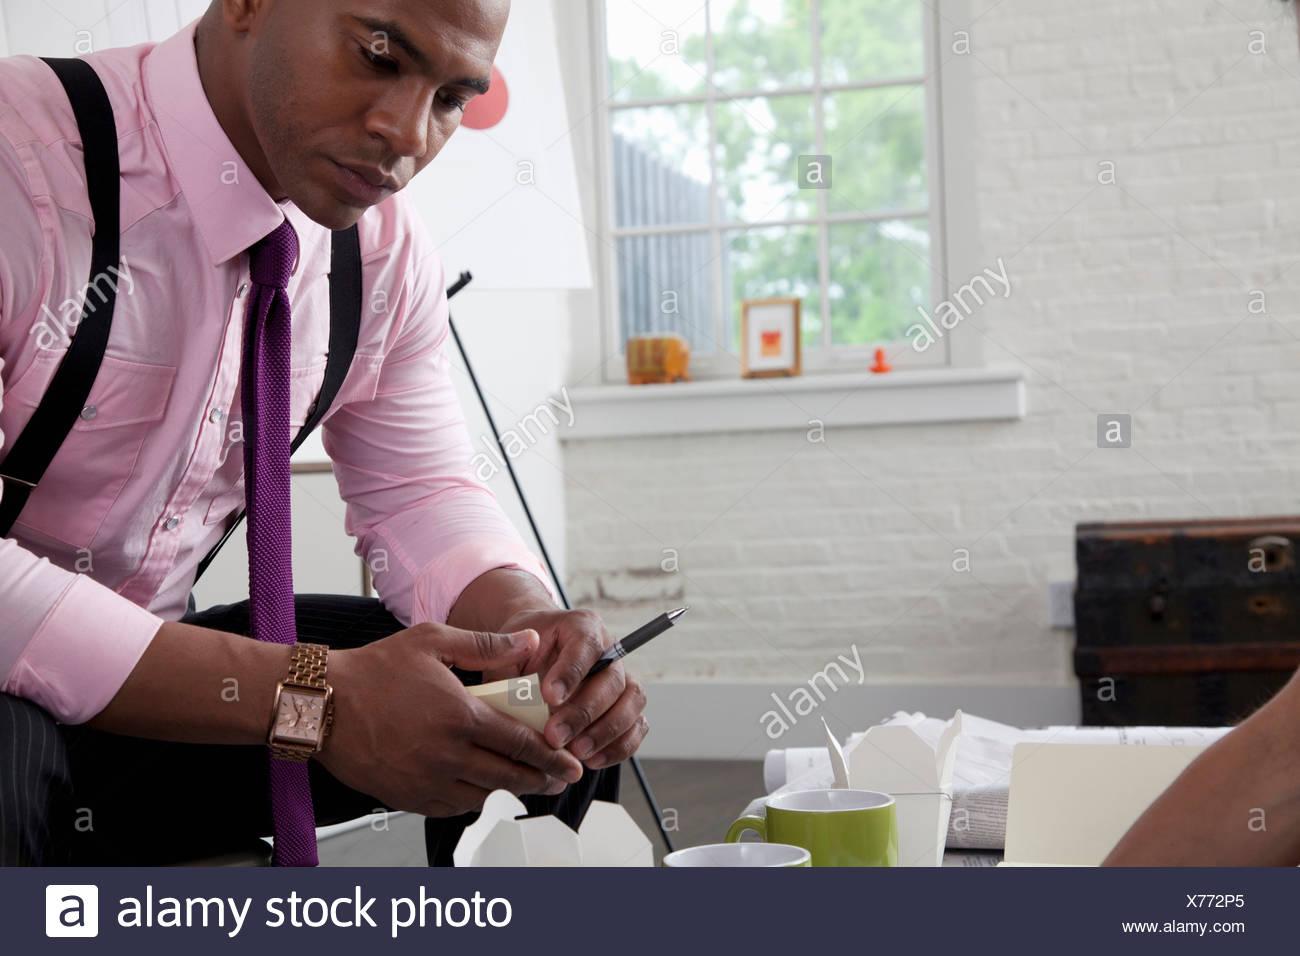 Mitte adult Büroangestellter blickte auf Papierkram auf Tisch Stockbild